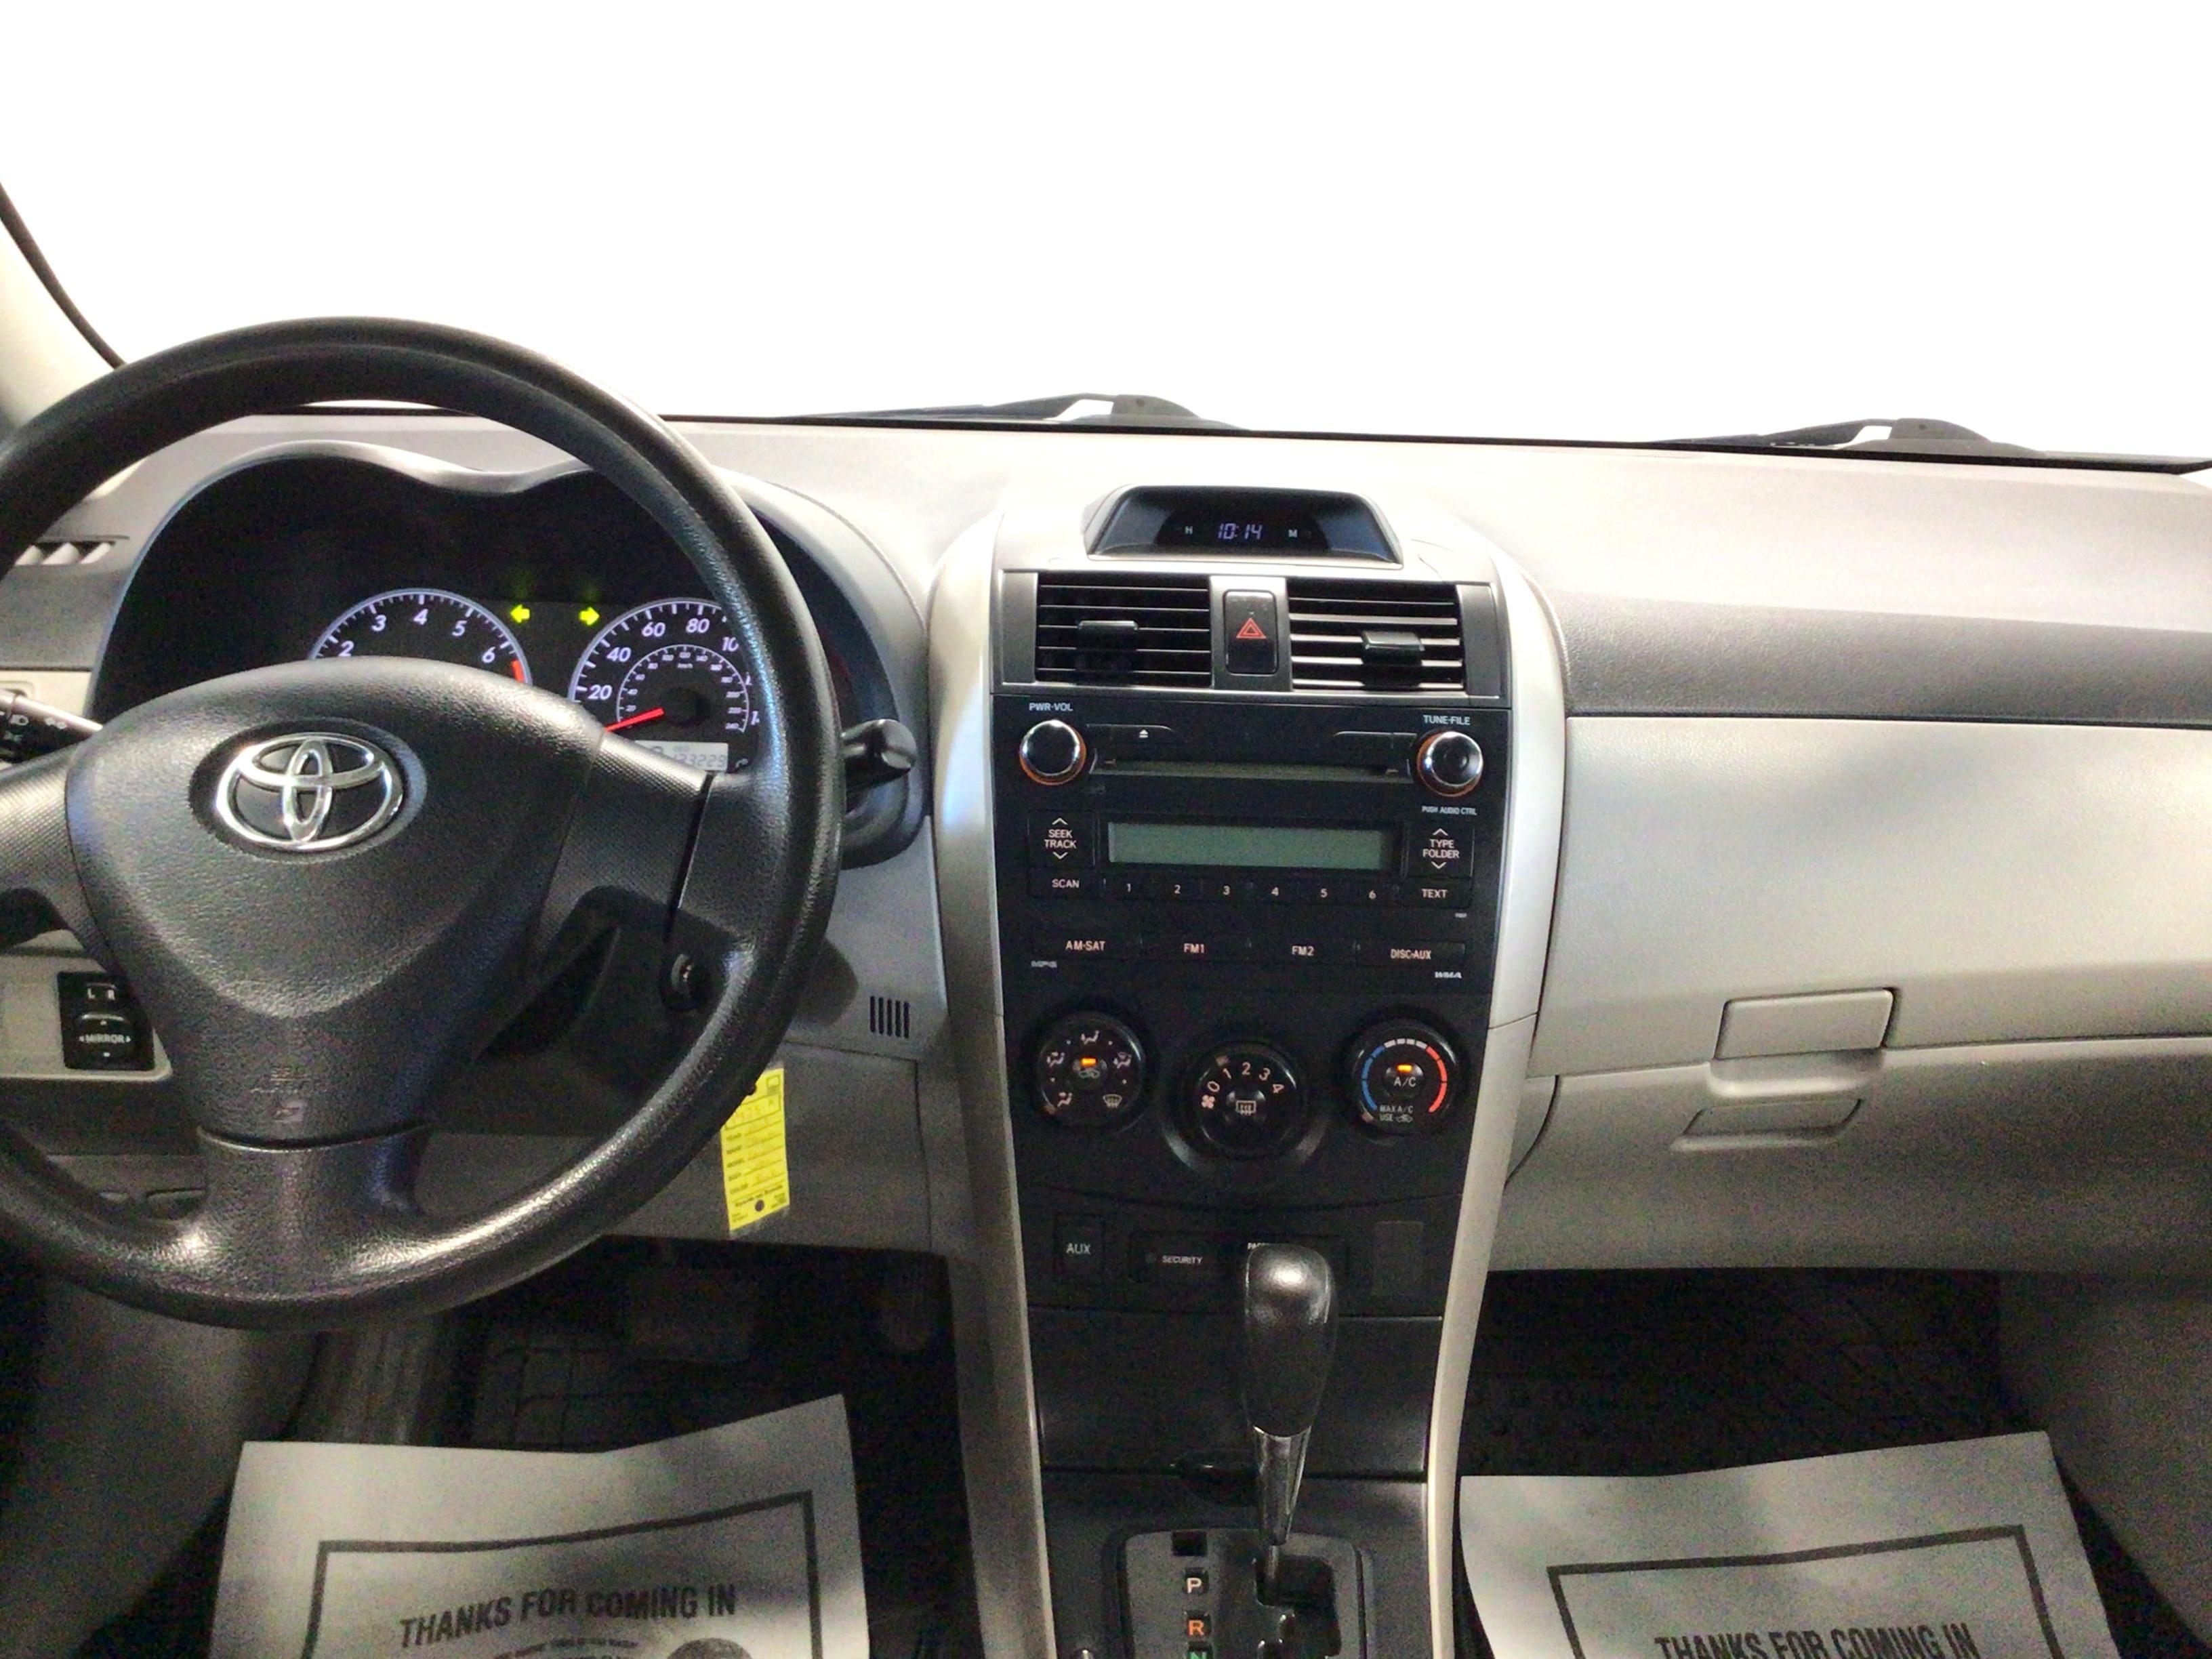 used vehicle - Sedan TOYOTA COROLLA 2013